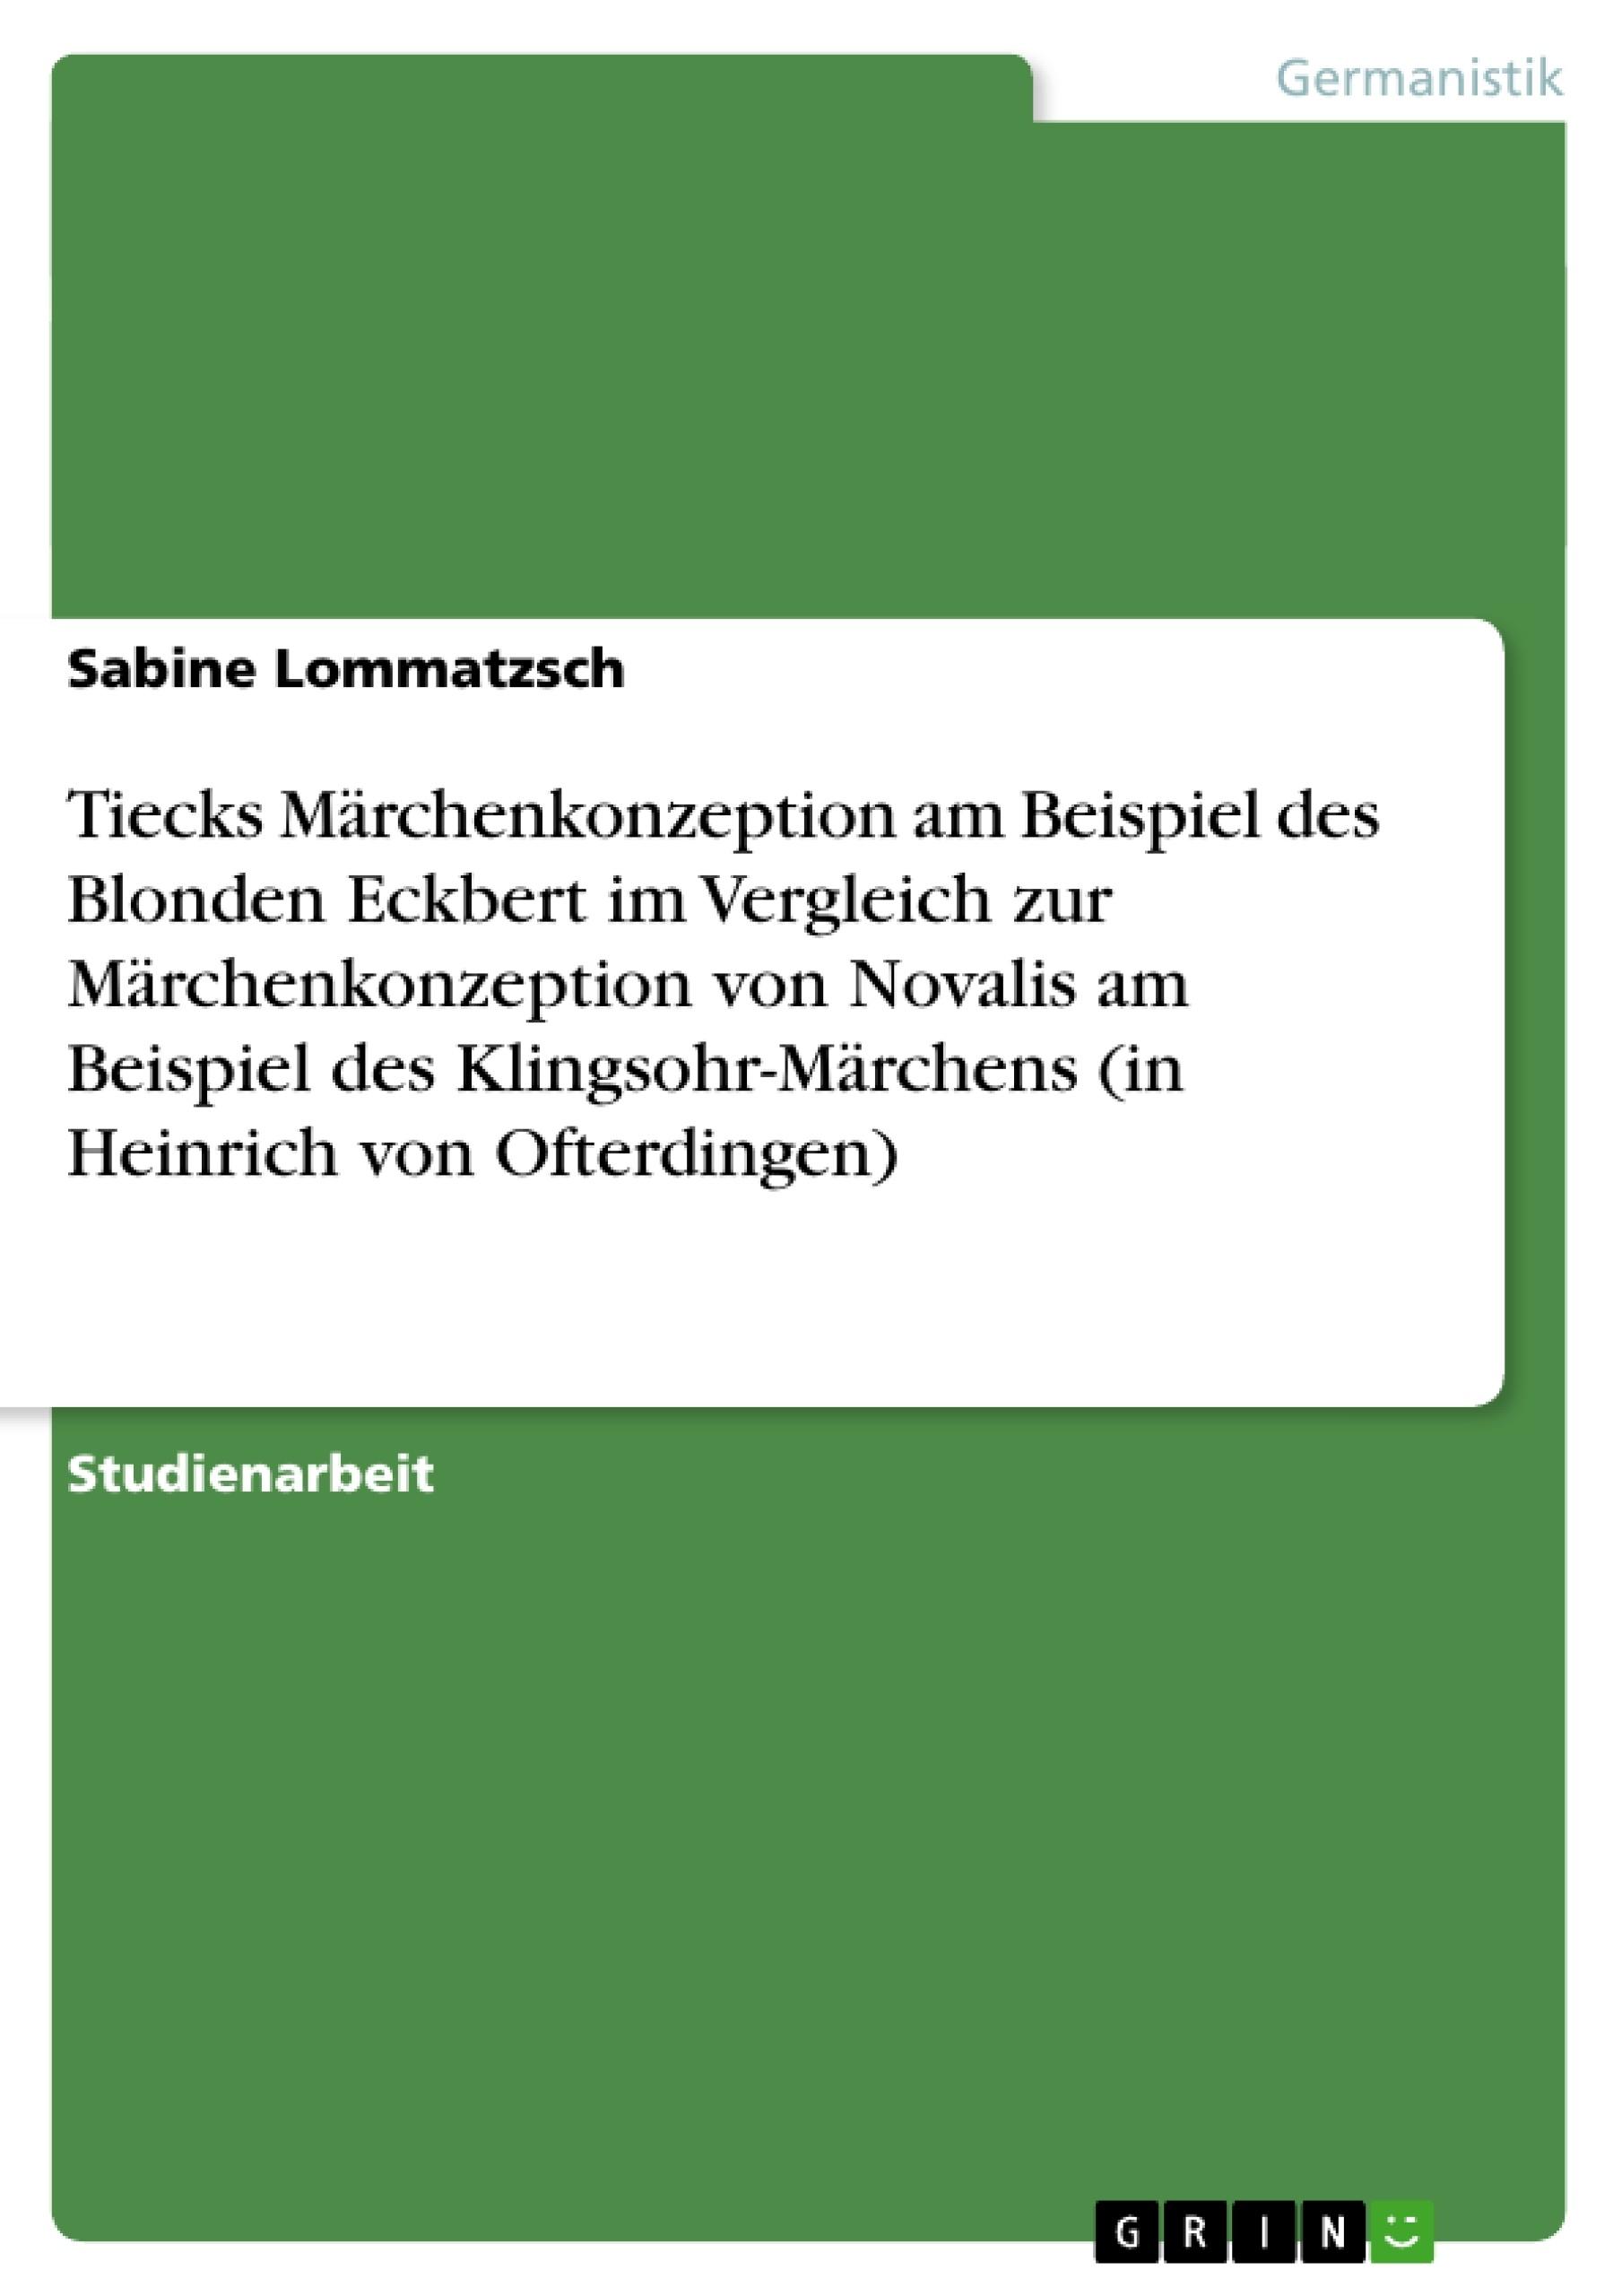 Titel: Tiecks Märchenkonzeption am Beispiel des Blonden Eckbert im Vergleich zur Märchenkonzeption von Novalis am Beispiel des Klingsohr-Märchens (in Heinrich von Ofterdingen)